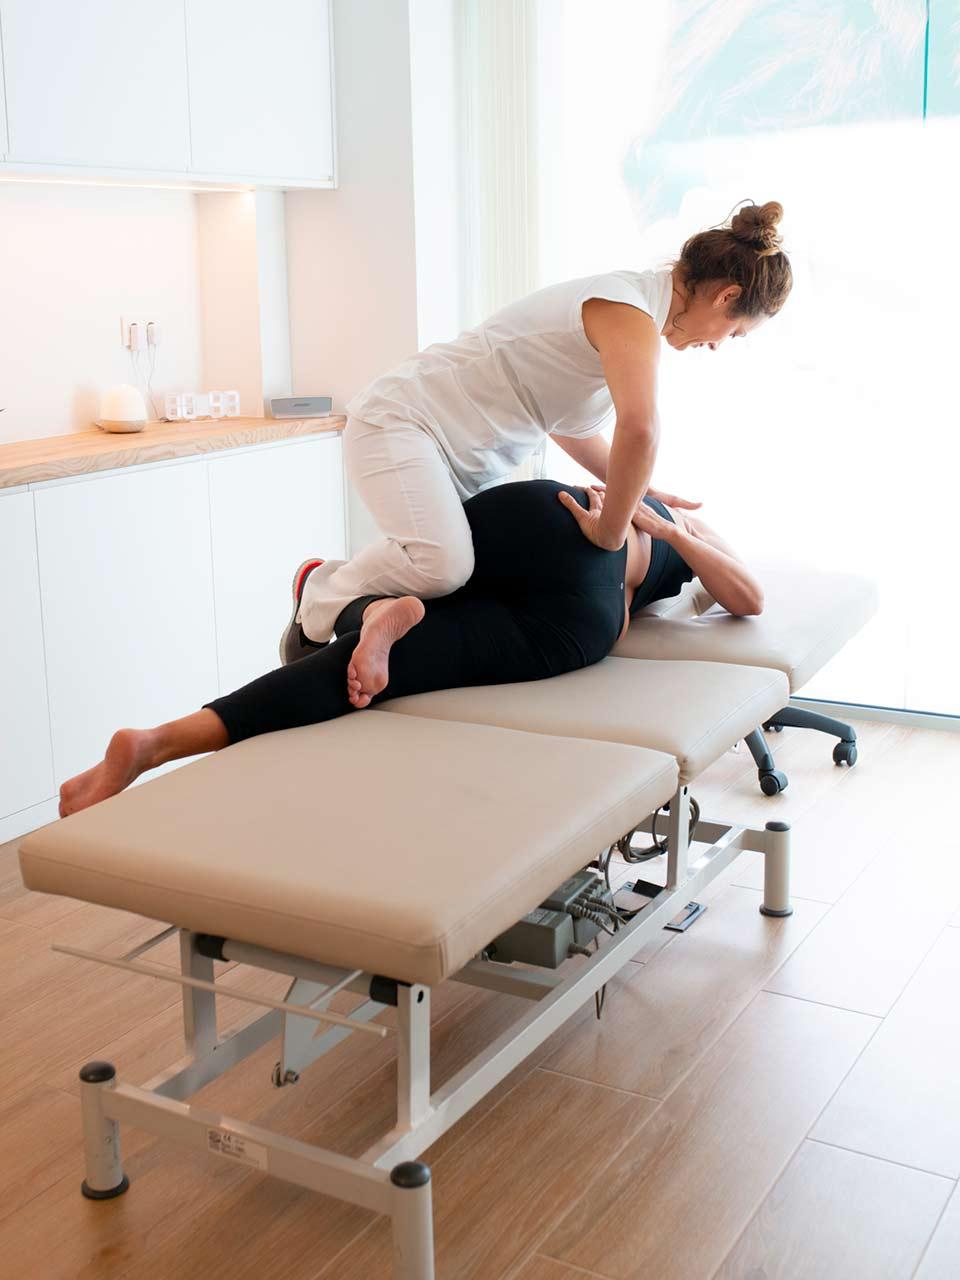 Tratamiento de Osteopatia general en Riba-roja